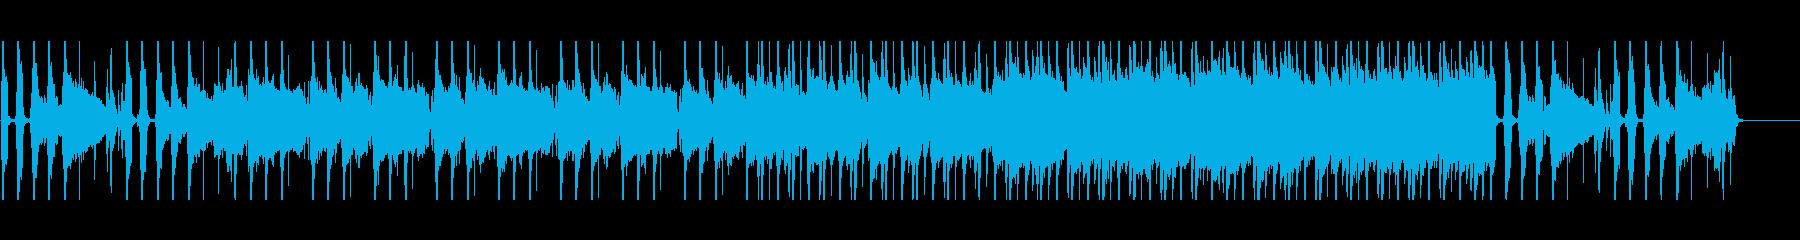 バンド曲/エレキギター/儚い雰囲気の再生済みの波形